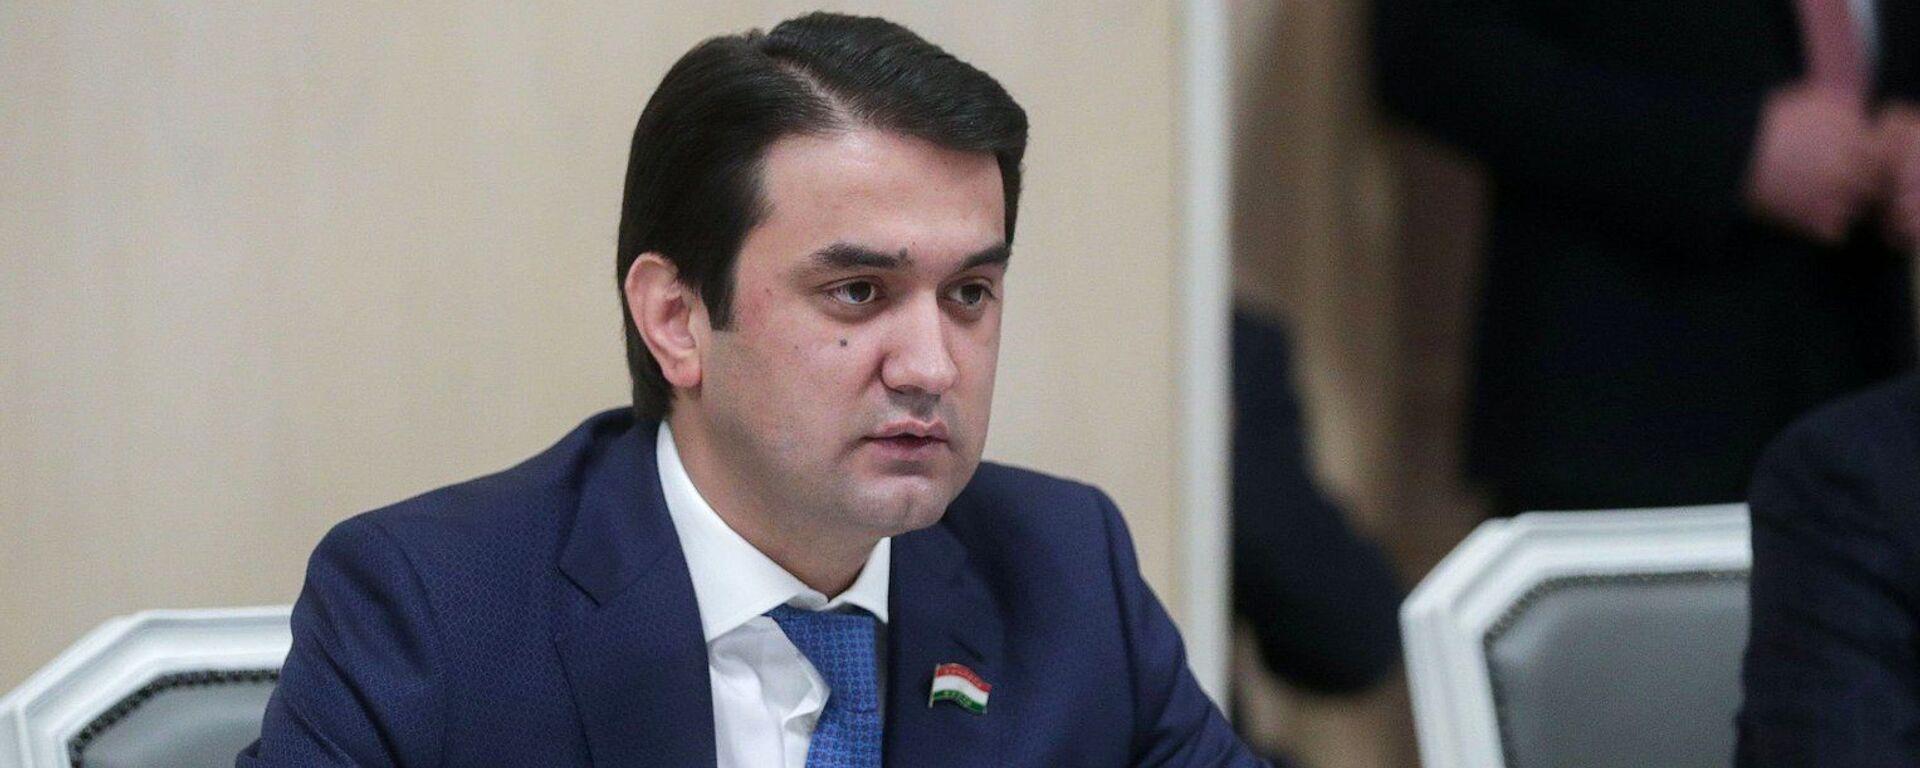 Глава парламента Таджикистана Рустам Эмомали - Sputnik Тоҷикистон, 1920, 04.02.2021